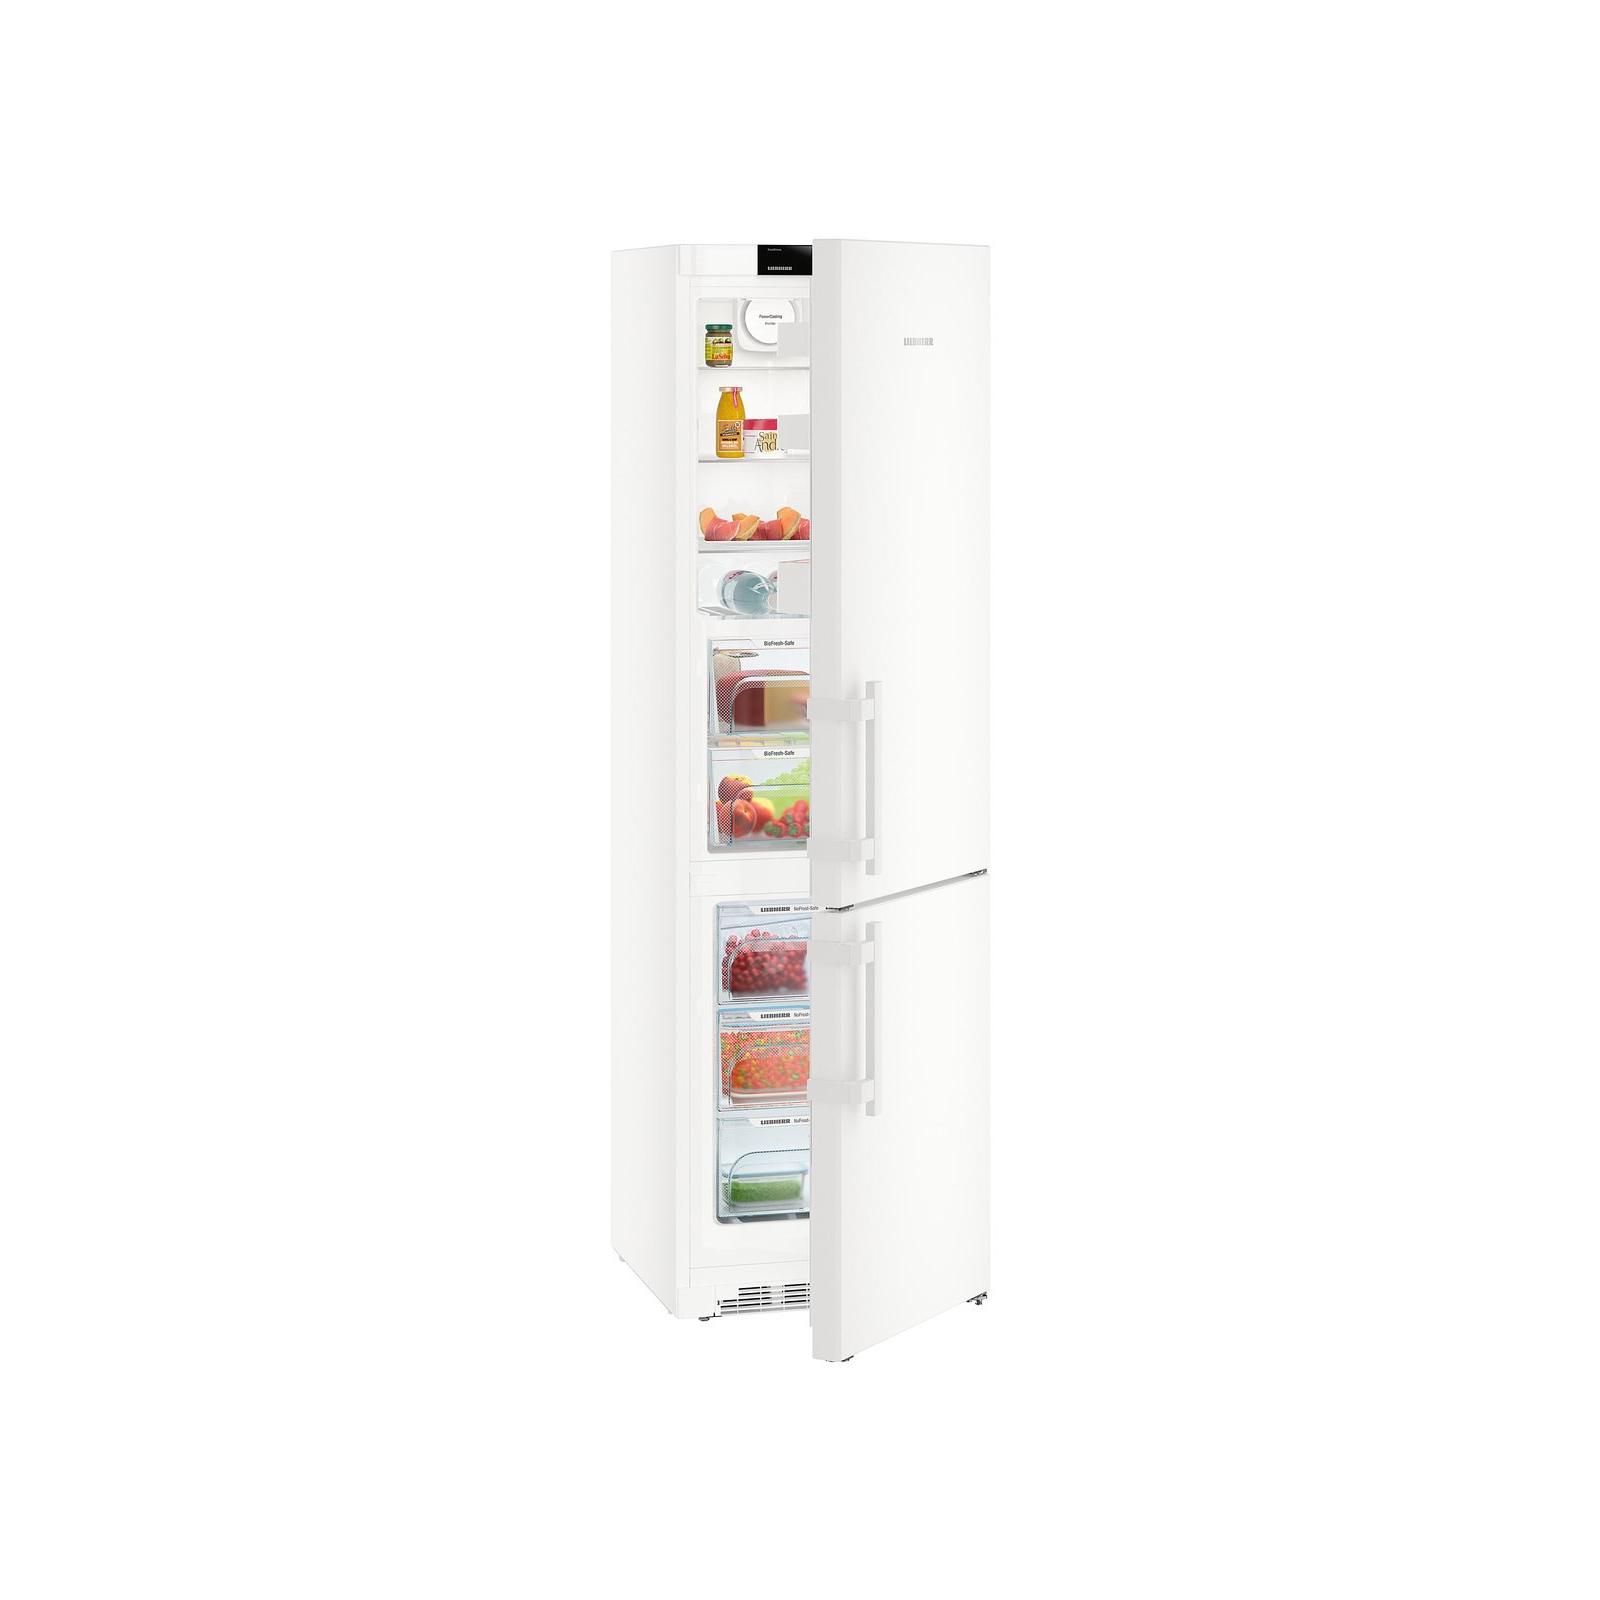 Холодильник Liebherr CBN 4815 изображение 4